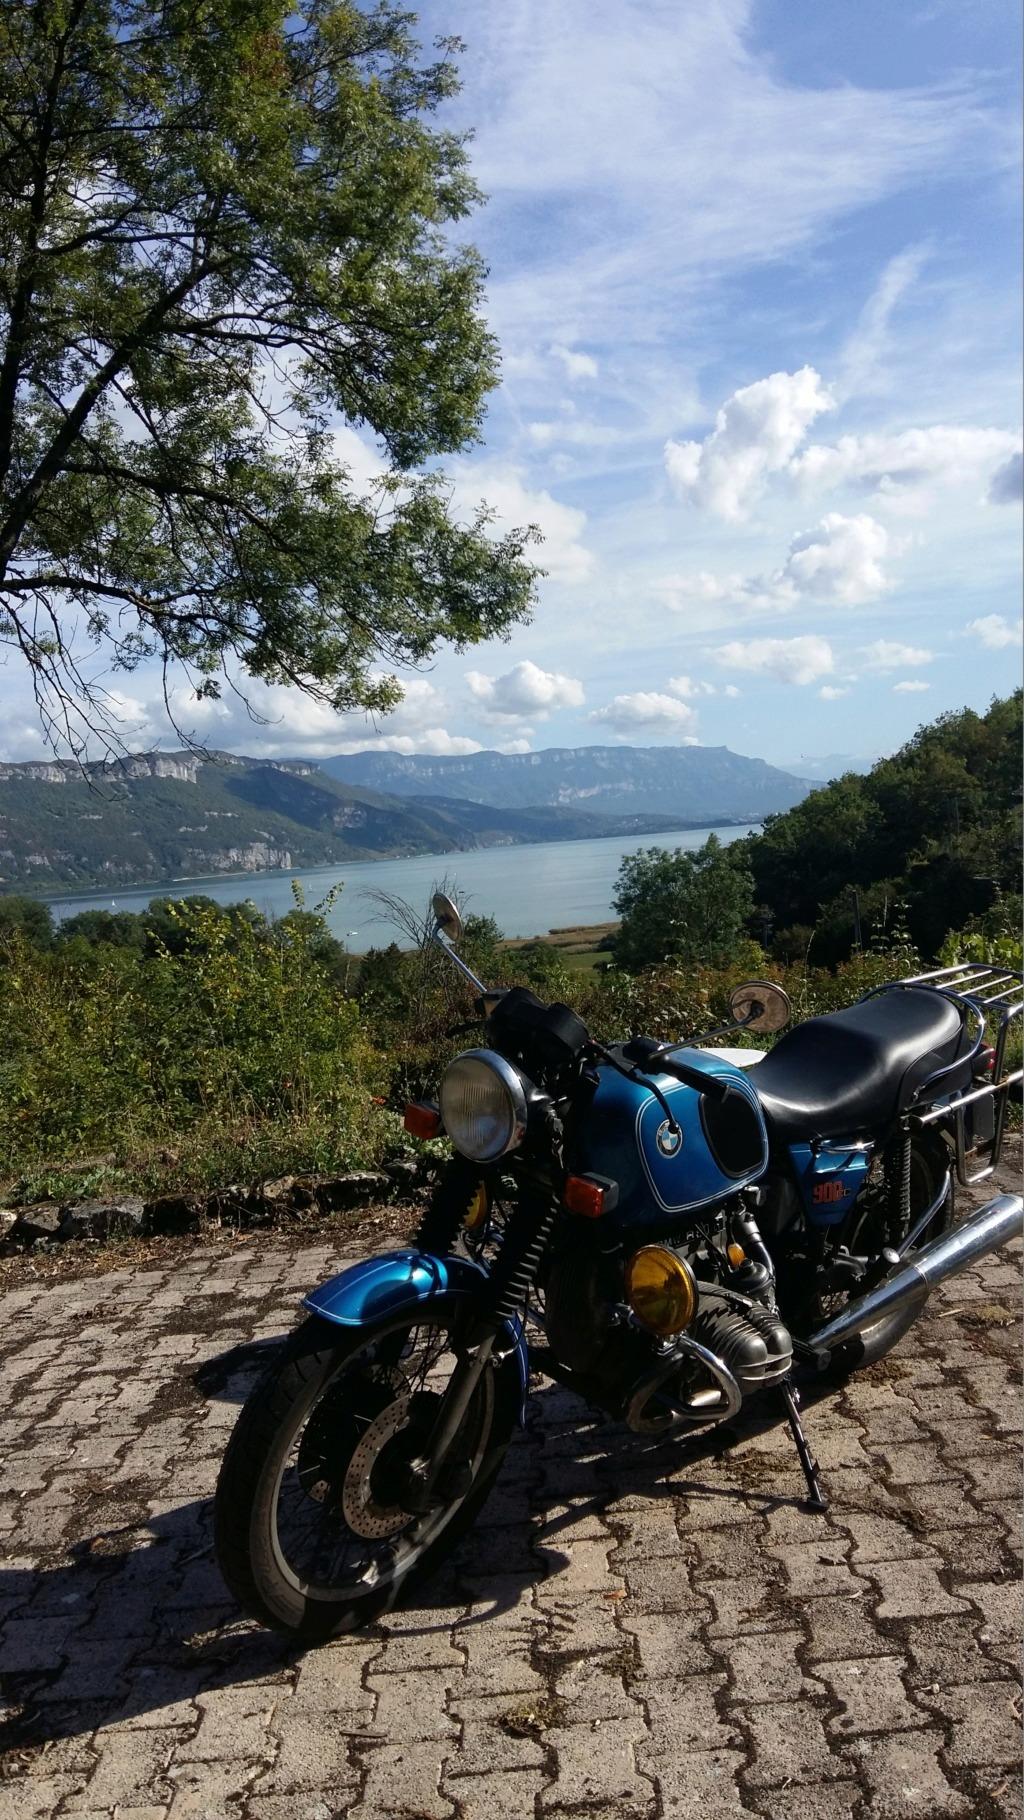 quelques images de la moto Bmw09411